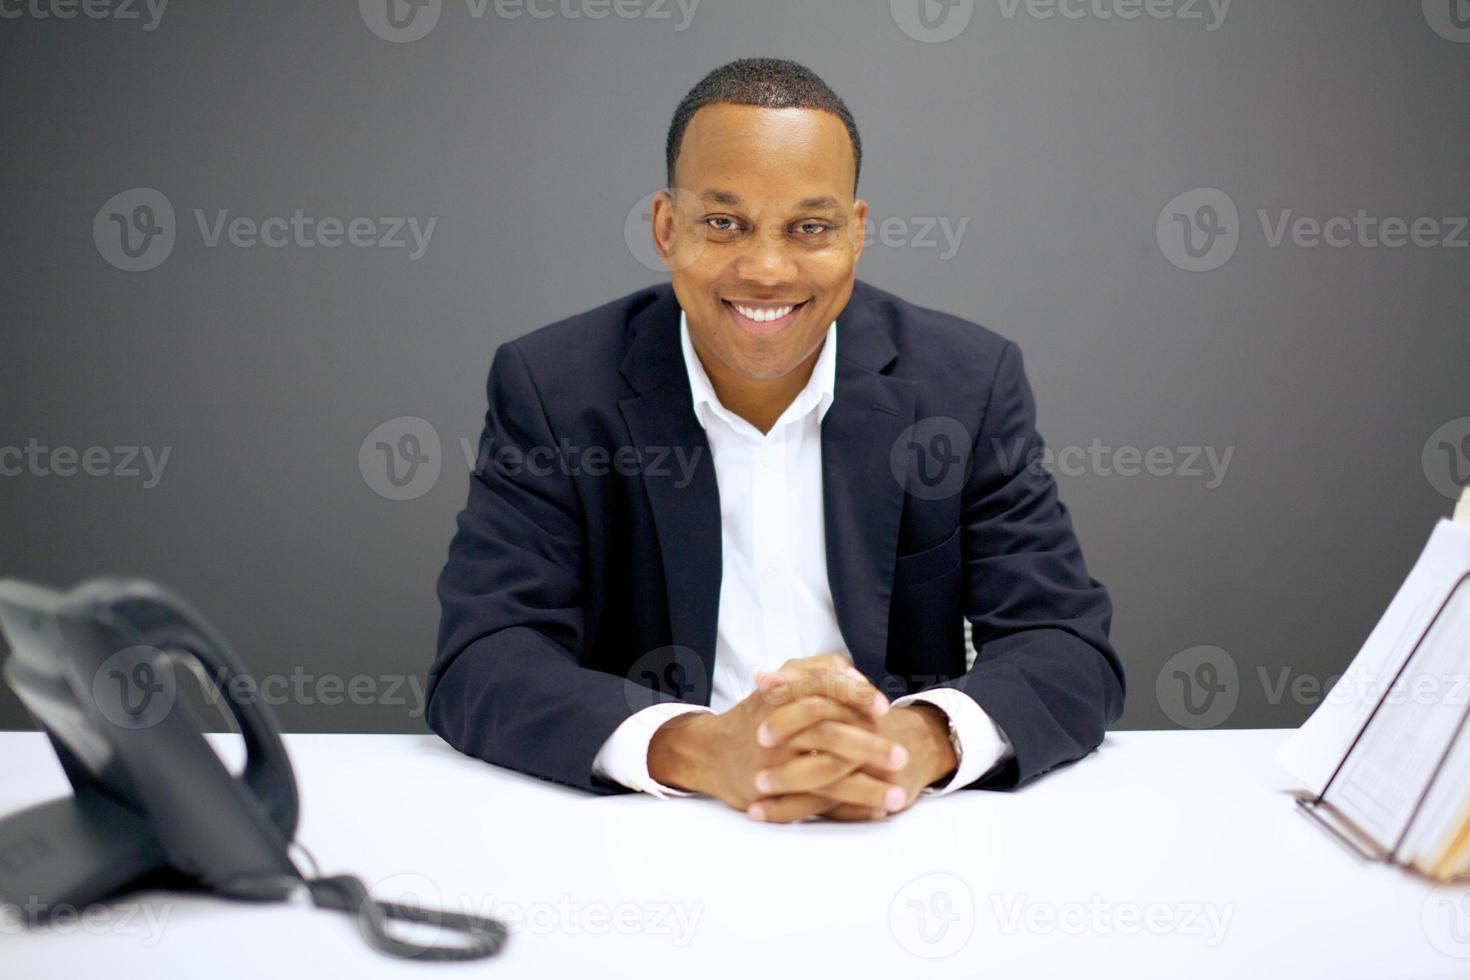 homme d'affaires afro-américain souriant au bureau photo